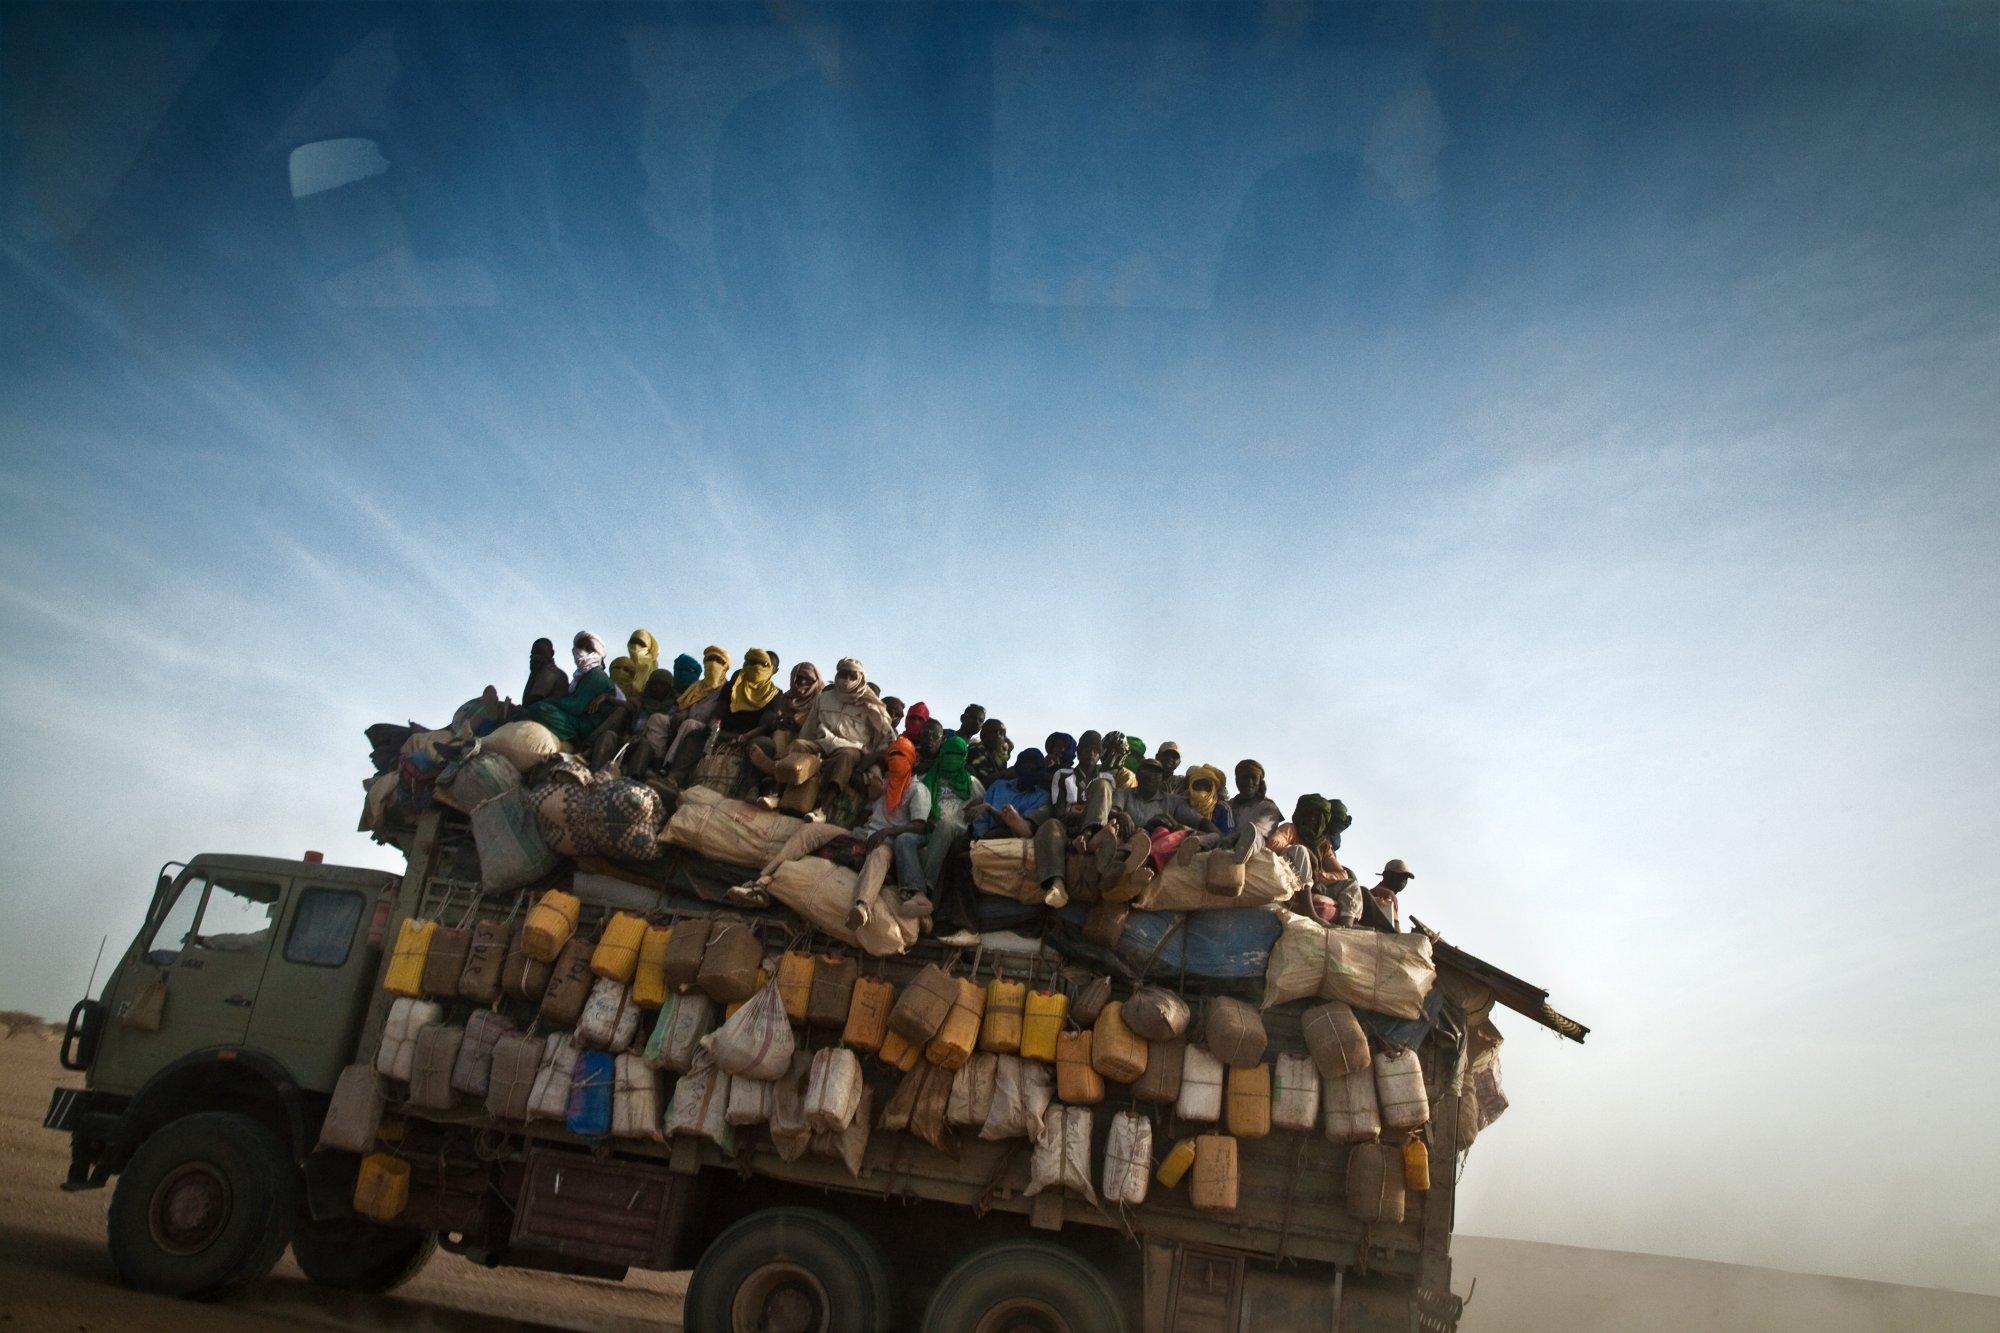 Da dove vengono i richiedenti asilo?